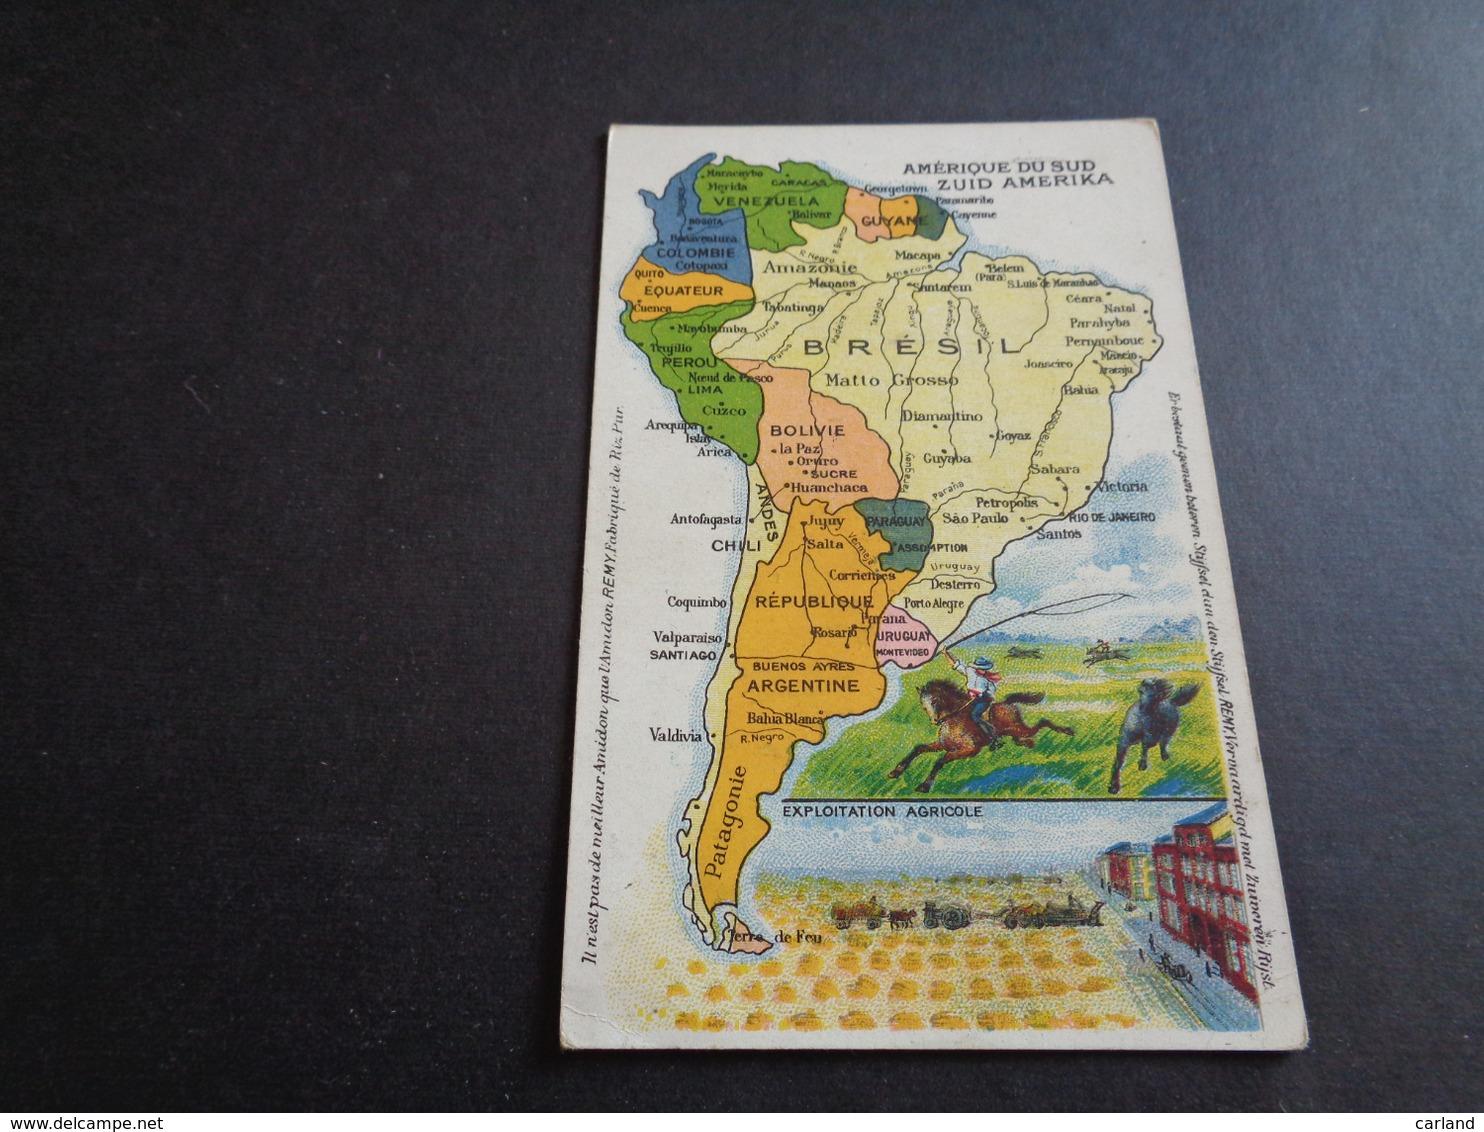 Carte ( 1 )  Géographique  Landkaart -  Amérique Du Sud  Zuid - Amerika  - Brésil  Brazilië - Cartes Géographiques